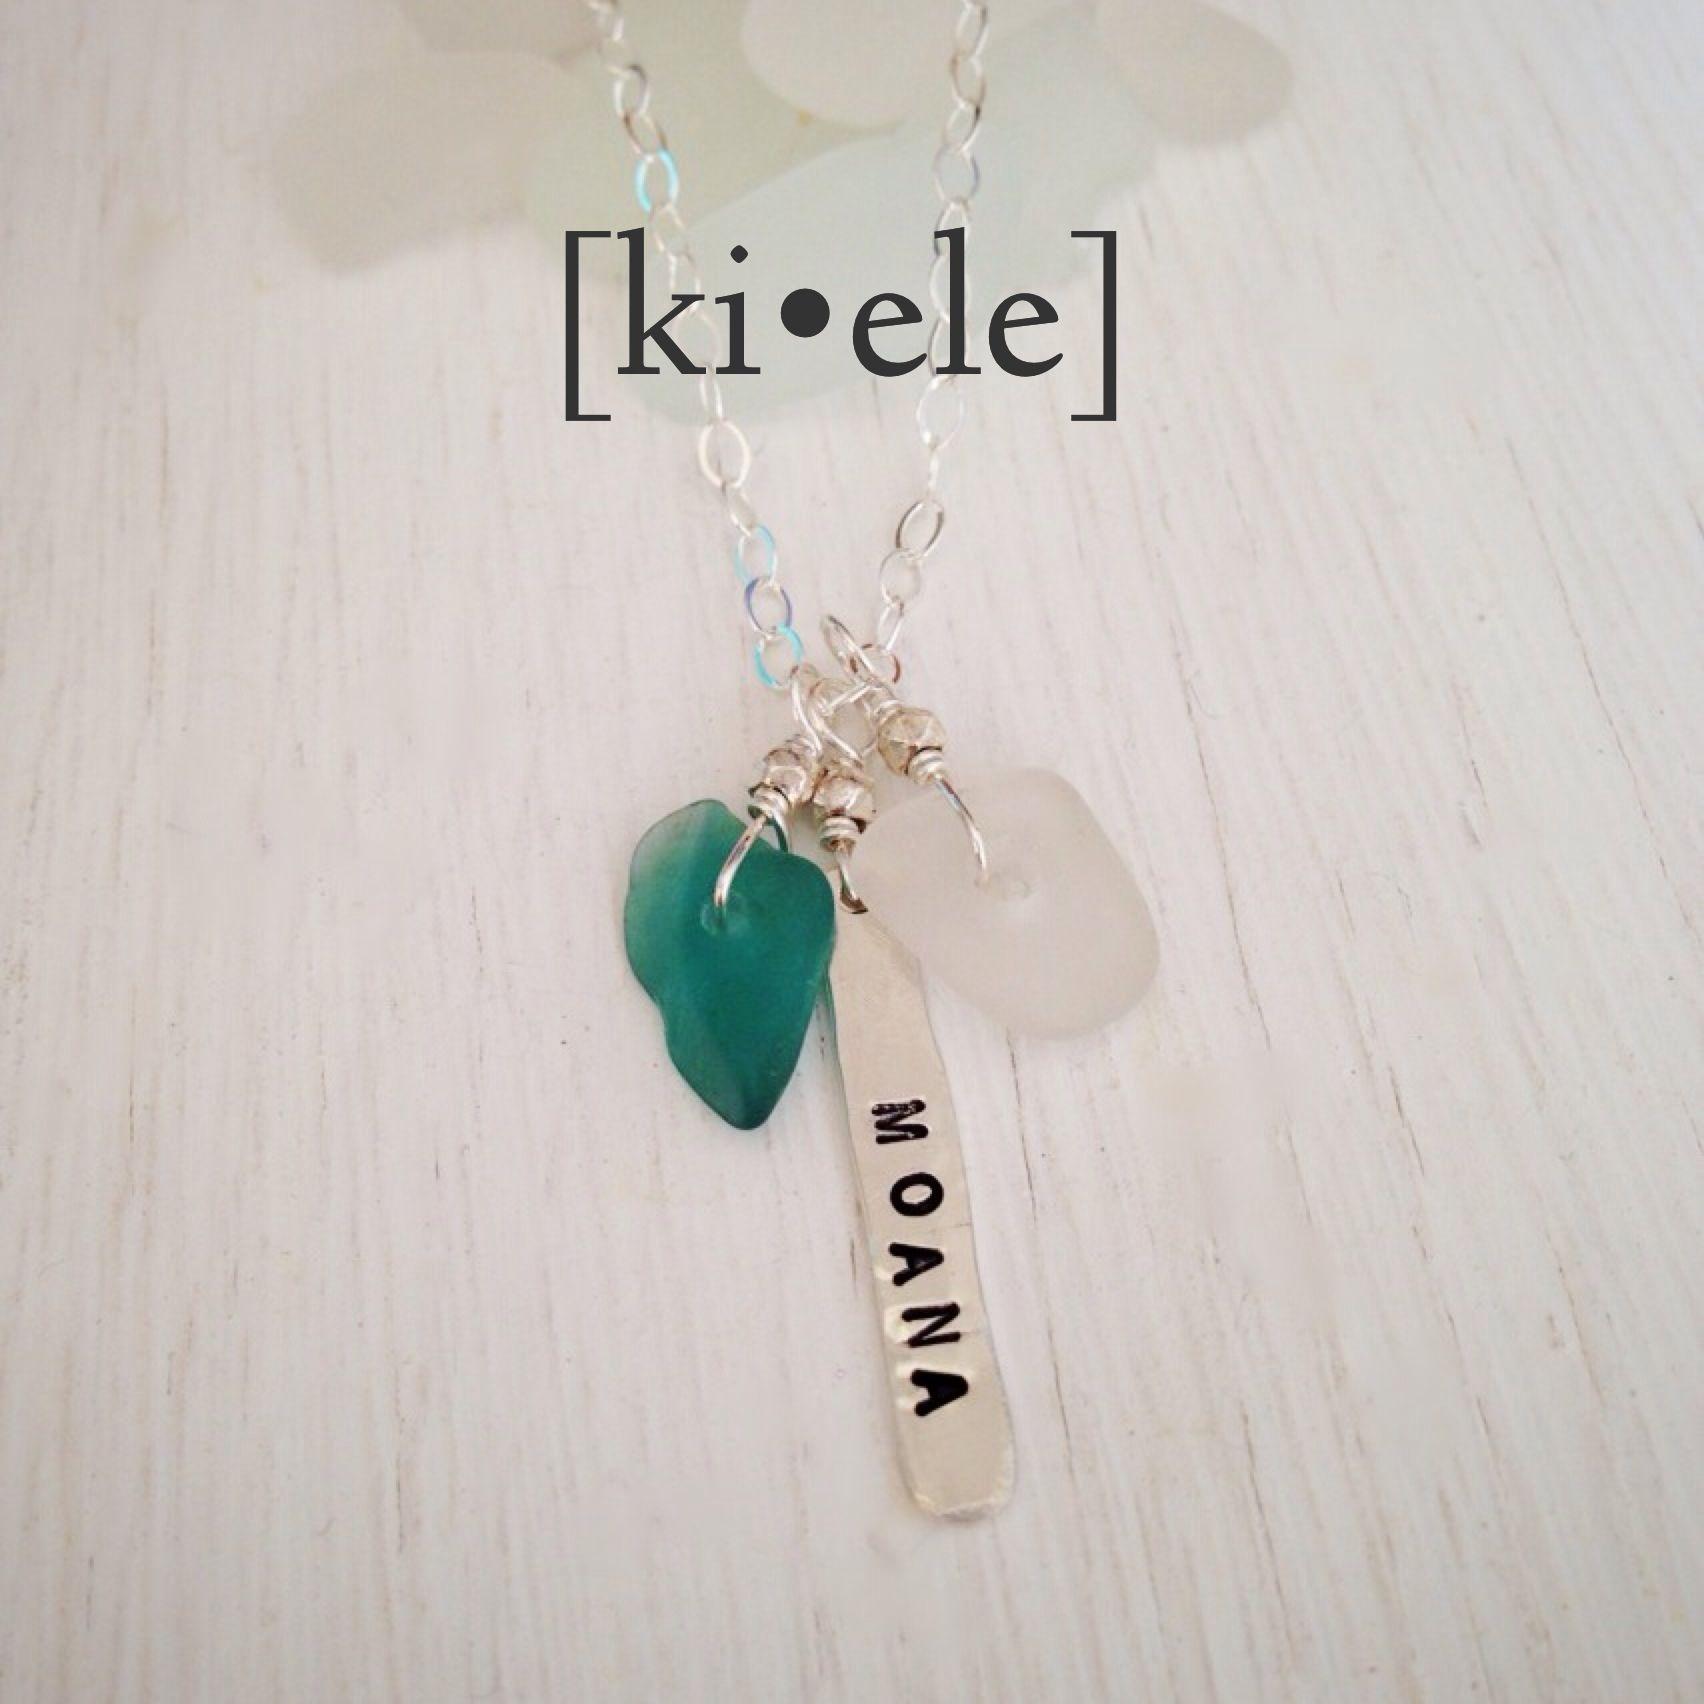 pin by ki ele made in hawaii on my ki ele jewelry